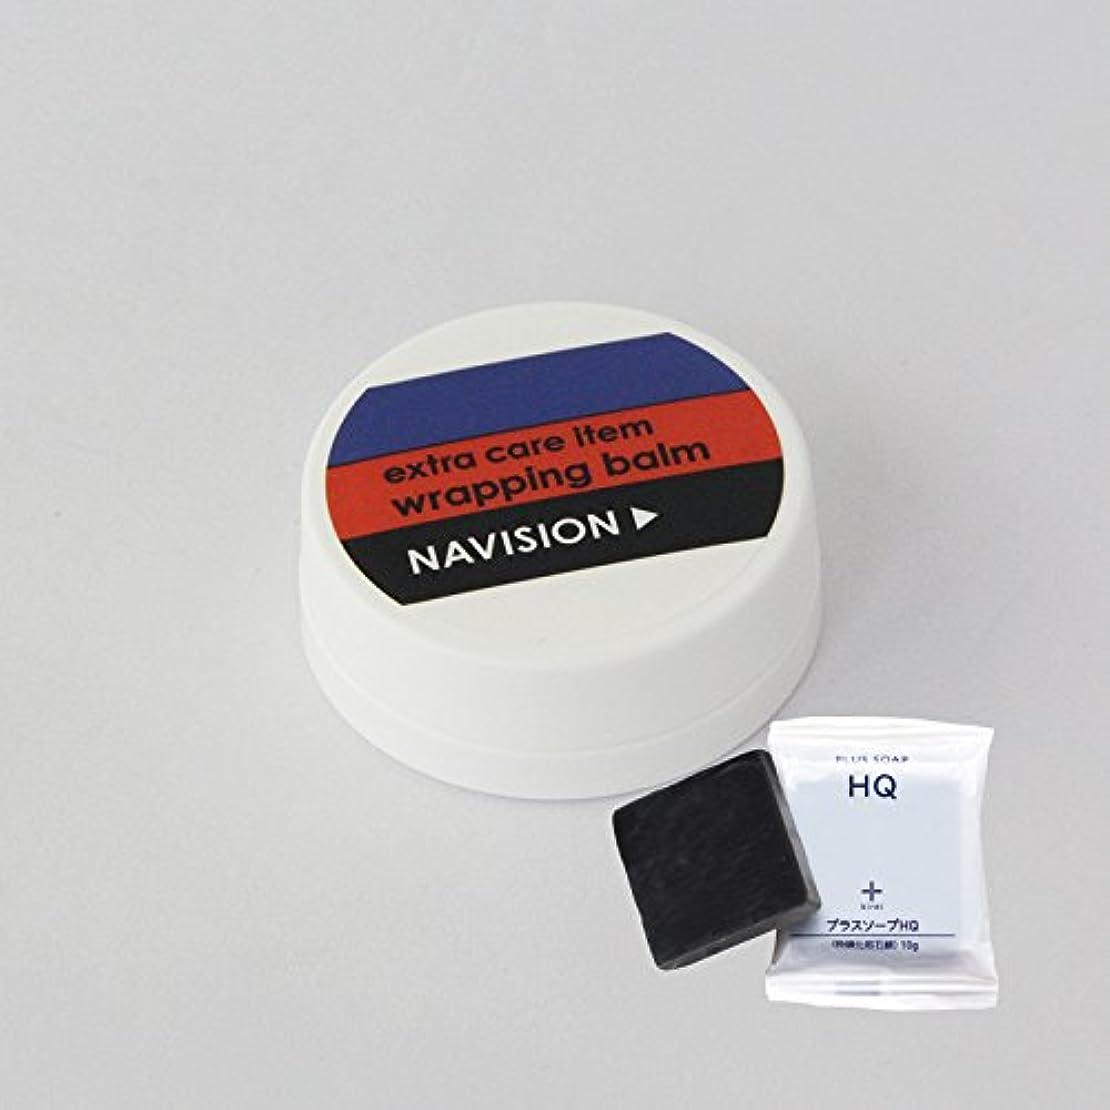 支援する発明落ちたナビジョン NAVISION ラッピングバーム 5g + プラスキレイ プラスソープHQミニ